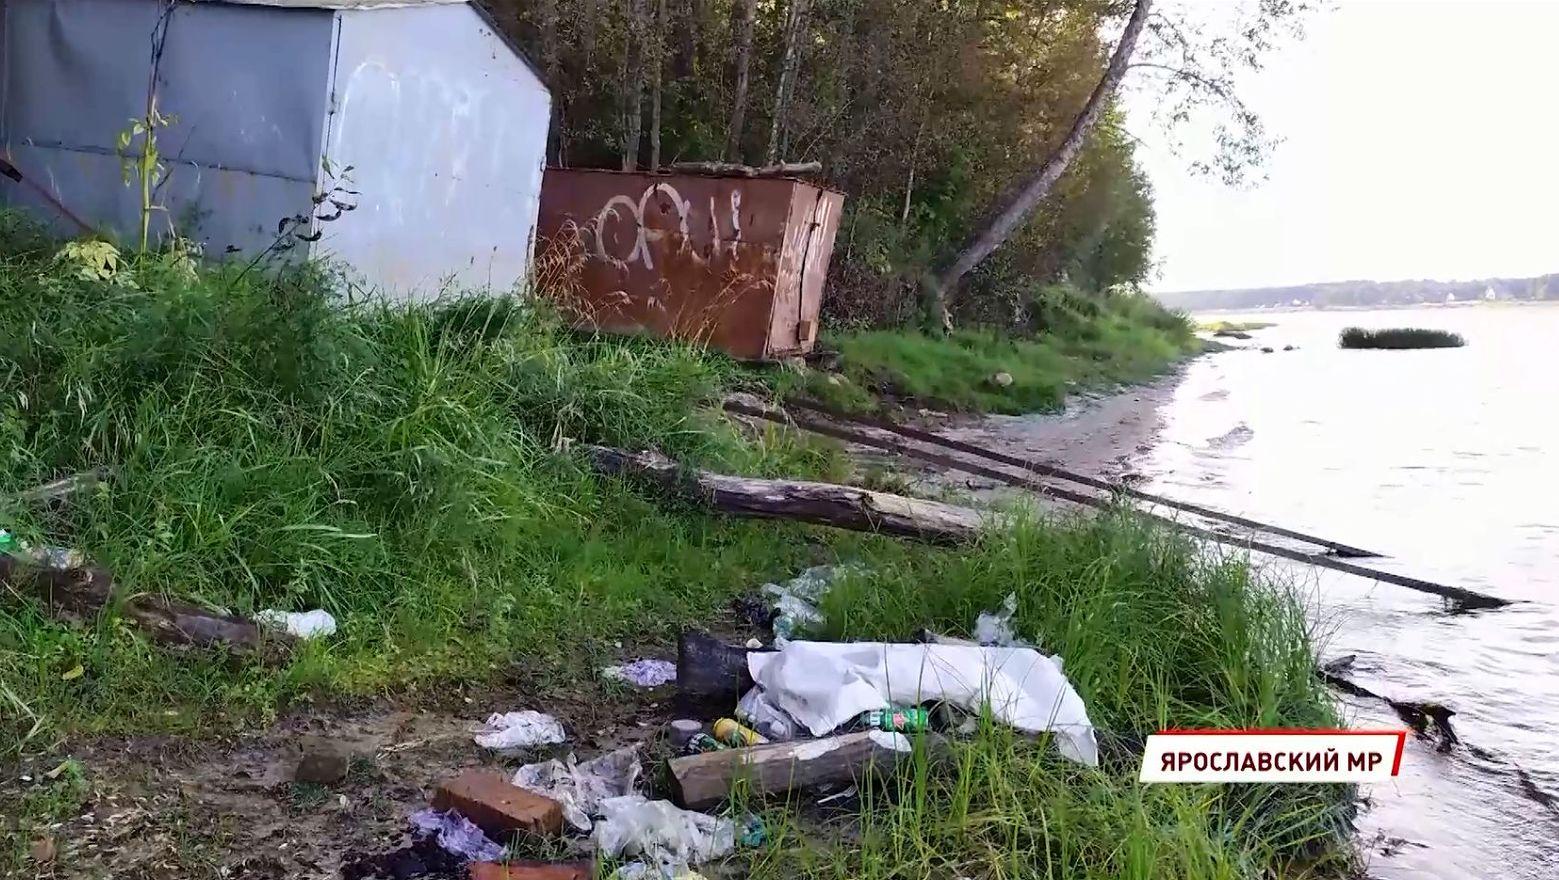 Жители посёлка Михайловский под Ярославлем пожаловались на плохое содержание берега Волги